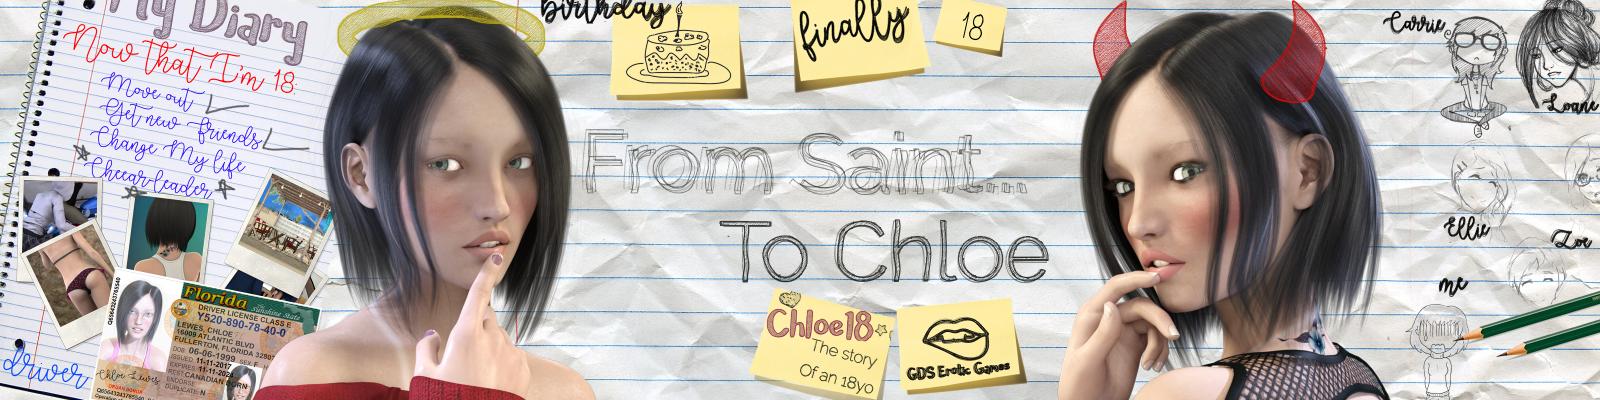 chloe18 com